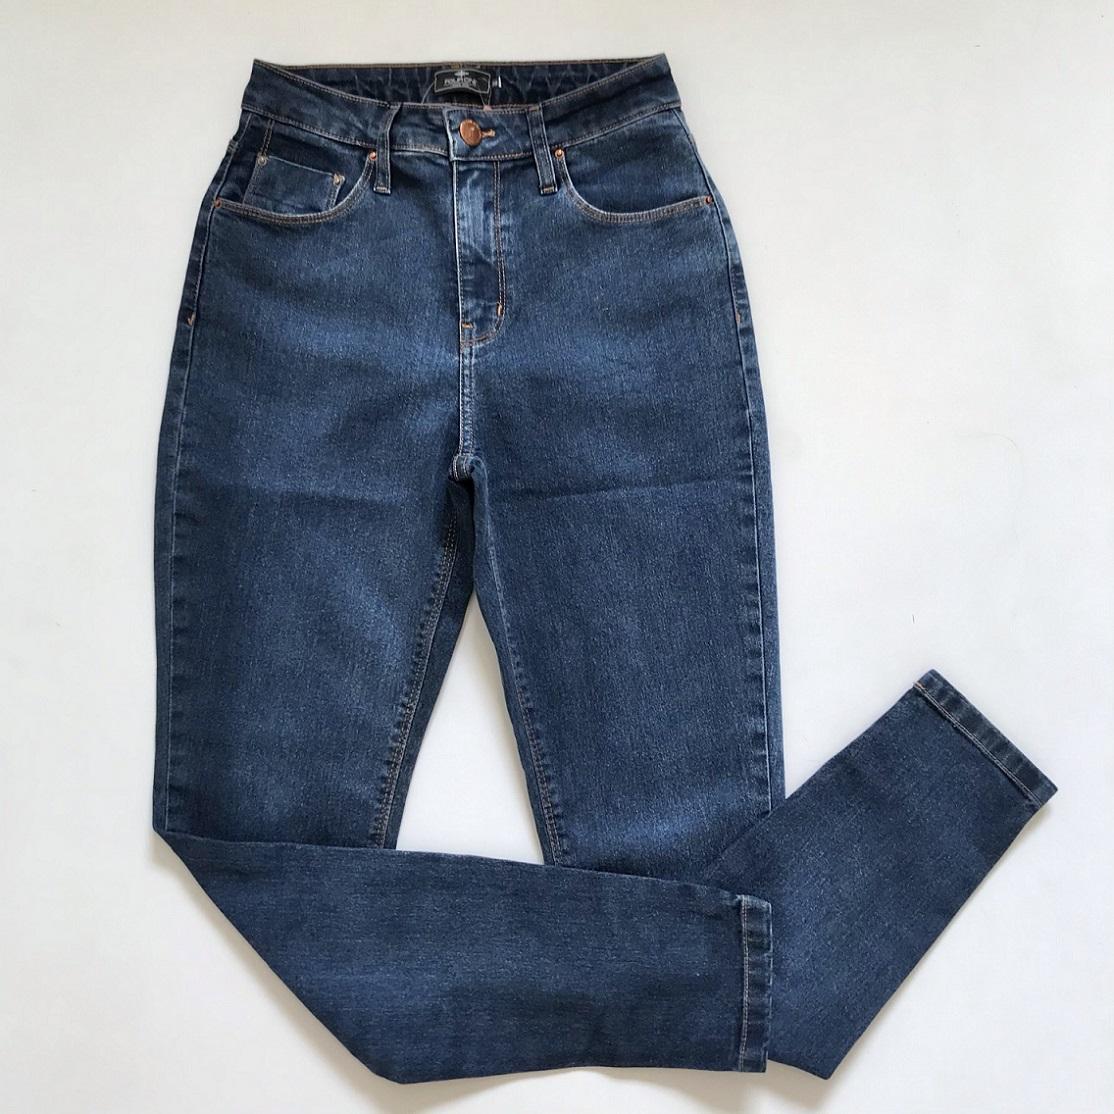 Calça Jeans Duda